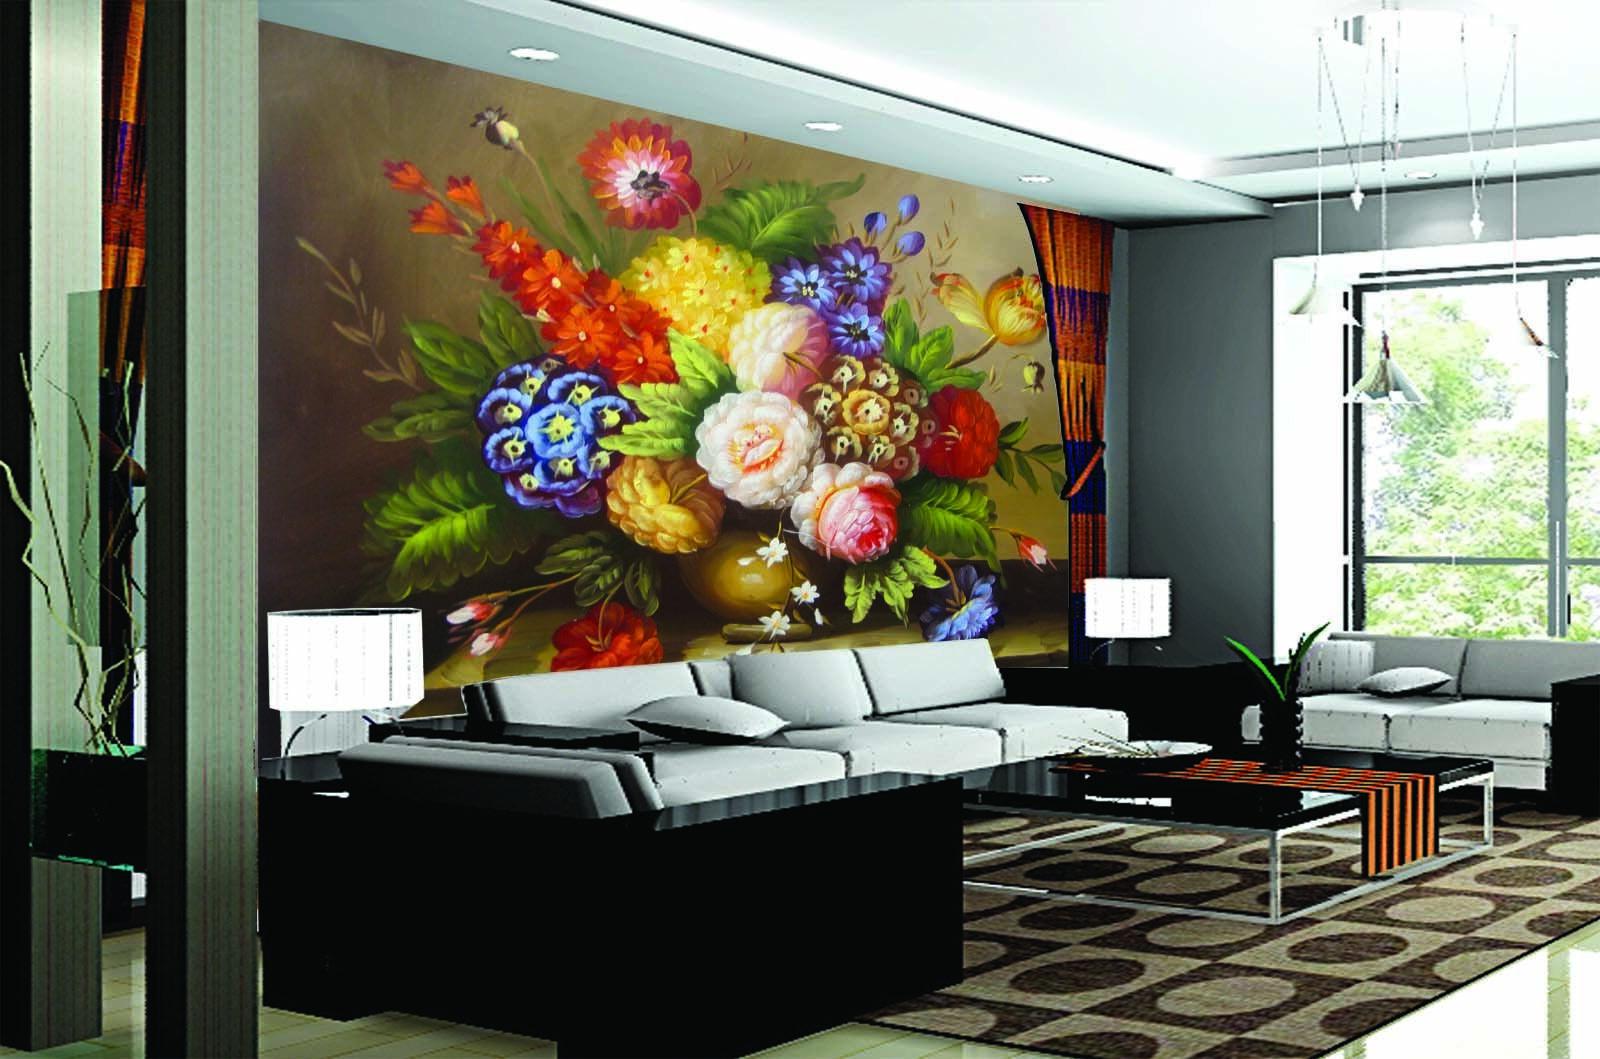 3D Bouquet 4201 Wallpaper Murals Wall Print Wallpaper Mural AJ WALL UK Lemon